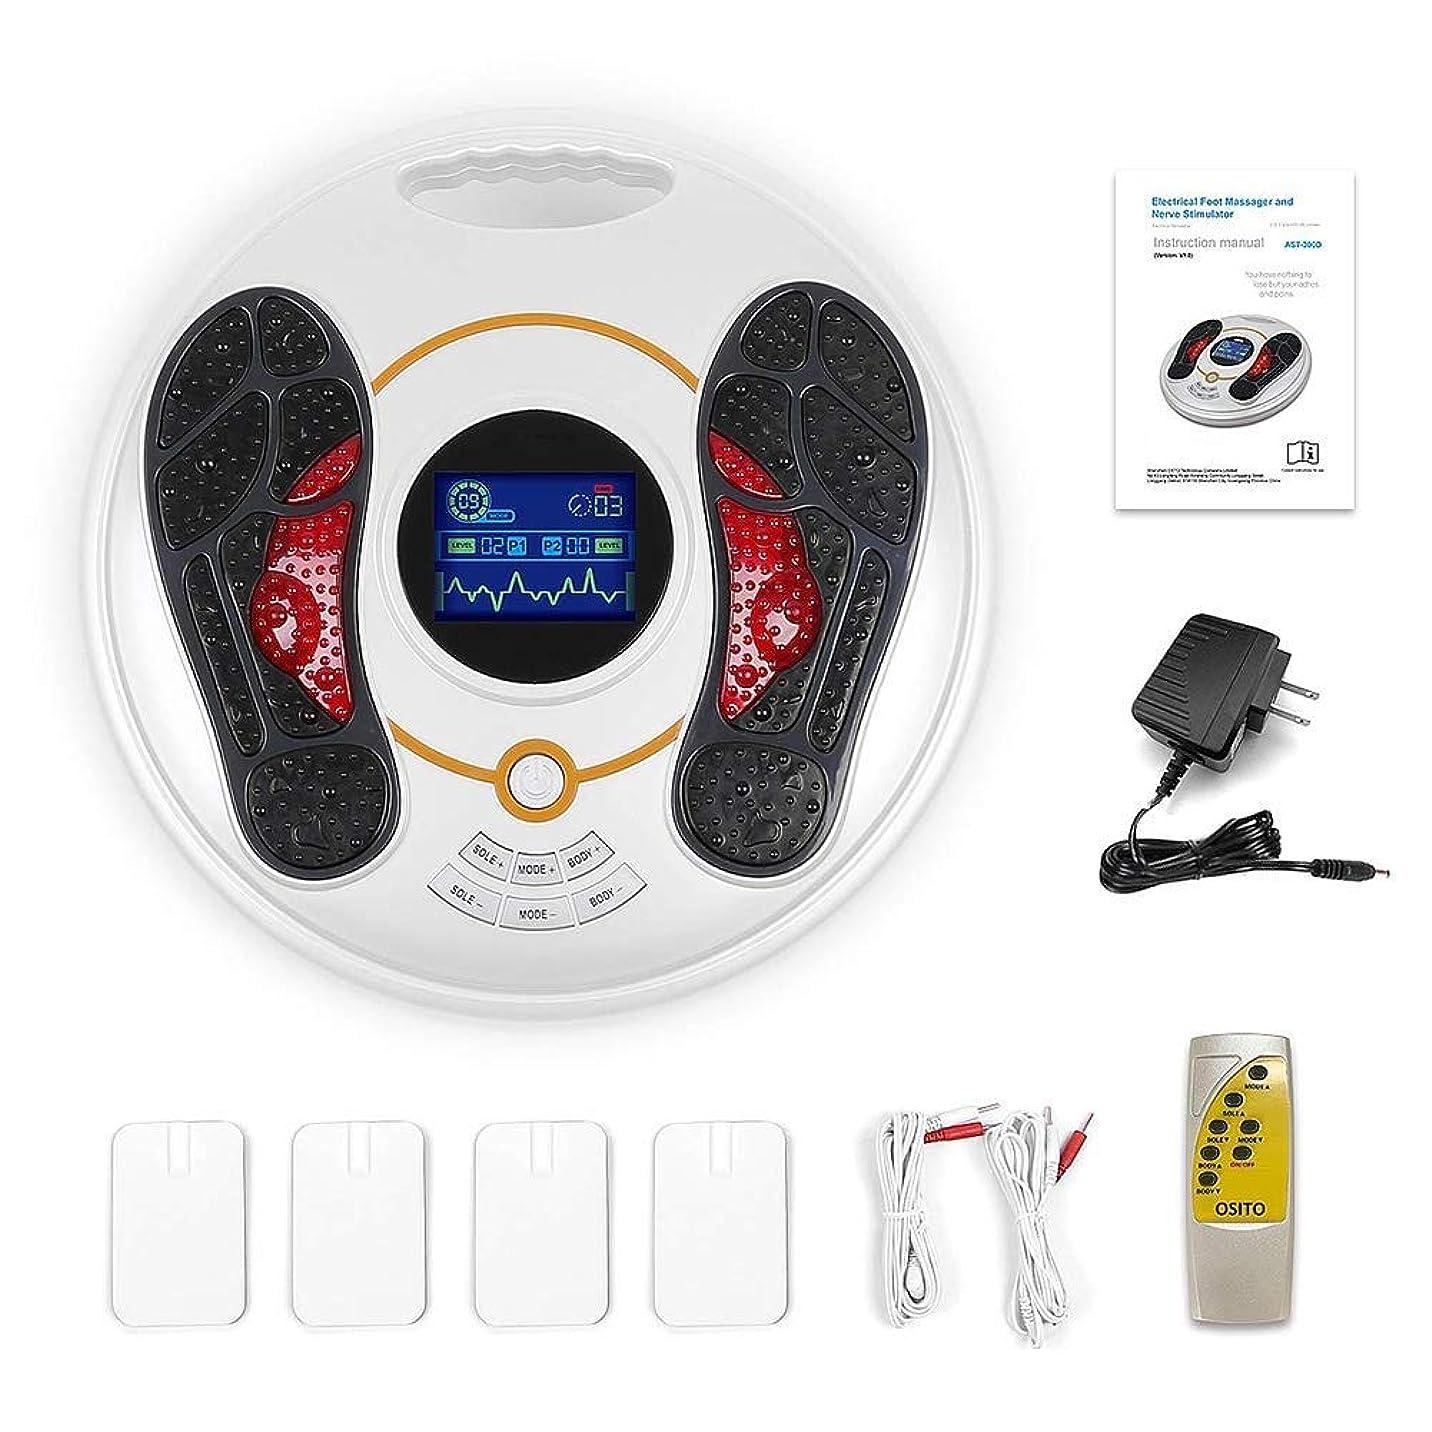 惨めなサロンセンチメンタルNJC リモコン付きフットマッサージャー、熱を備えた指圧ディープマッサージ、赤外線ライト内蔵の足裏マッサージ、